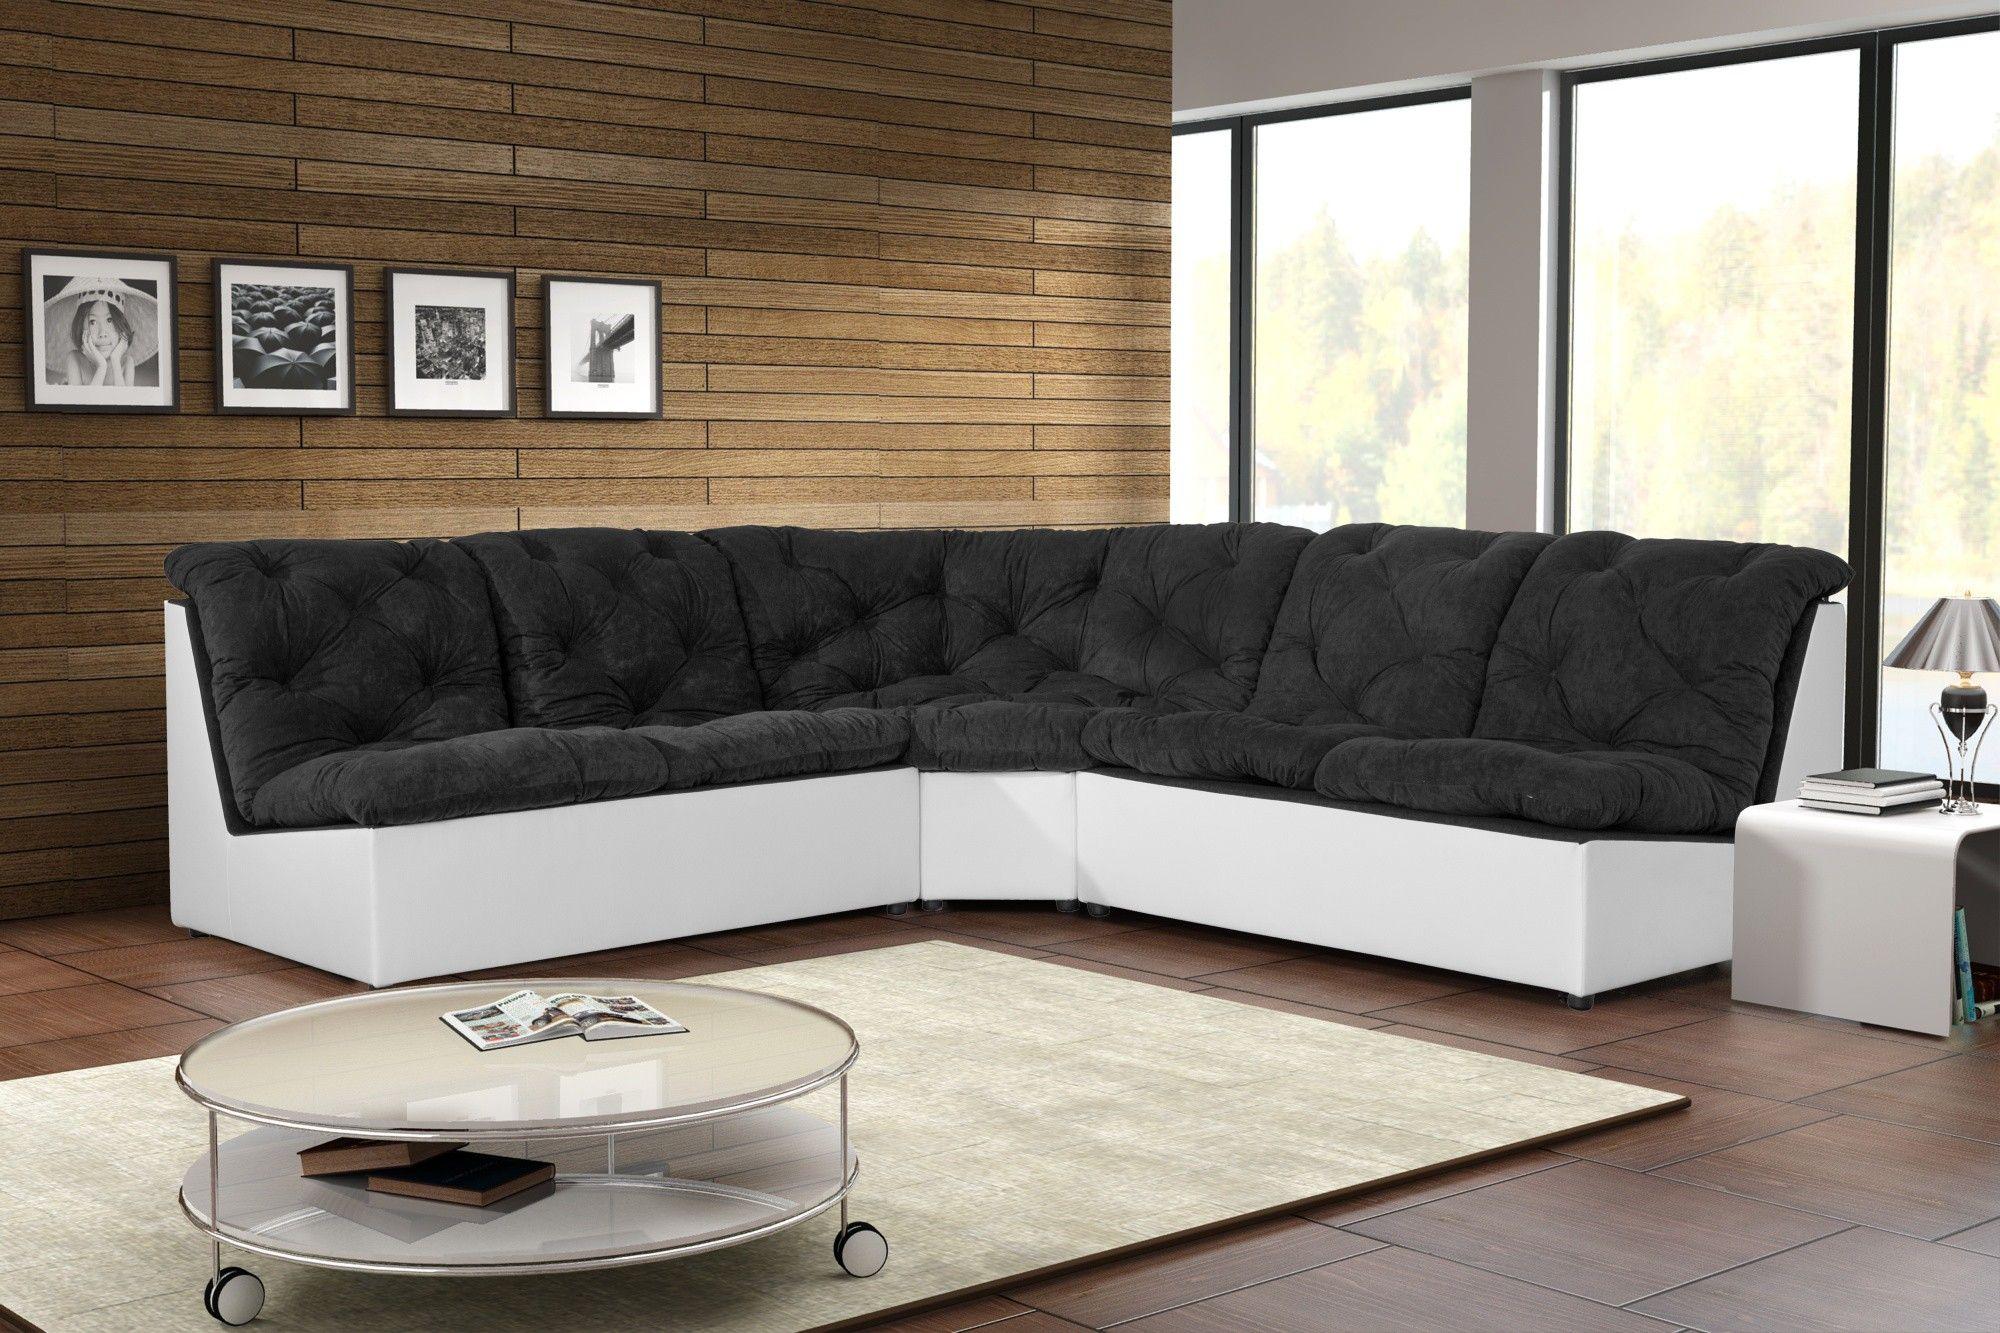 Le canapé d'angle modulable Gisela vous charmera par ses dimensions généreuses et son système de modularité.